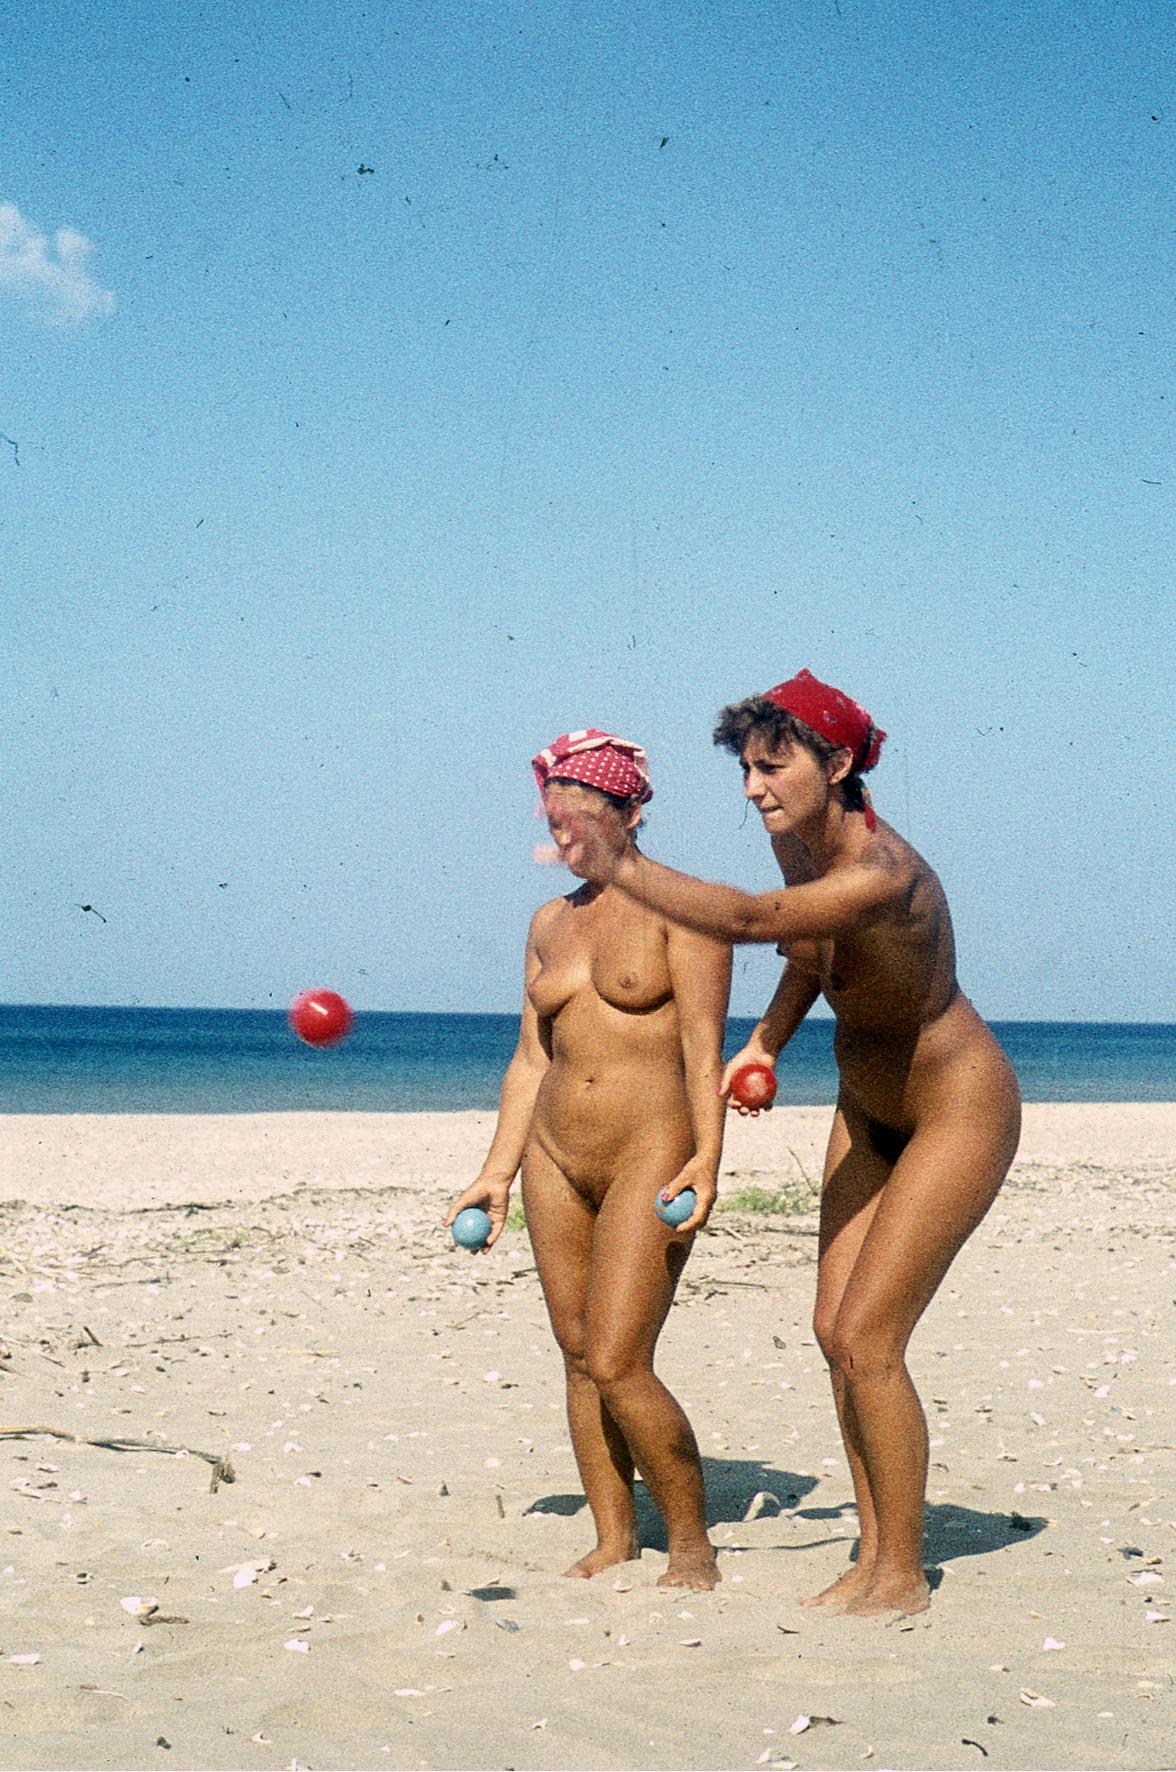 russische video zwei heisse girls spielen nackt strand